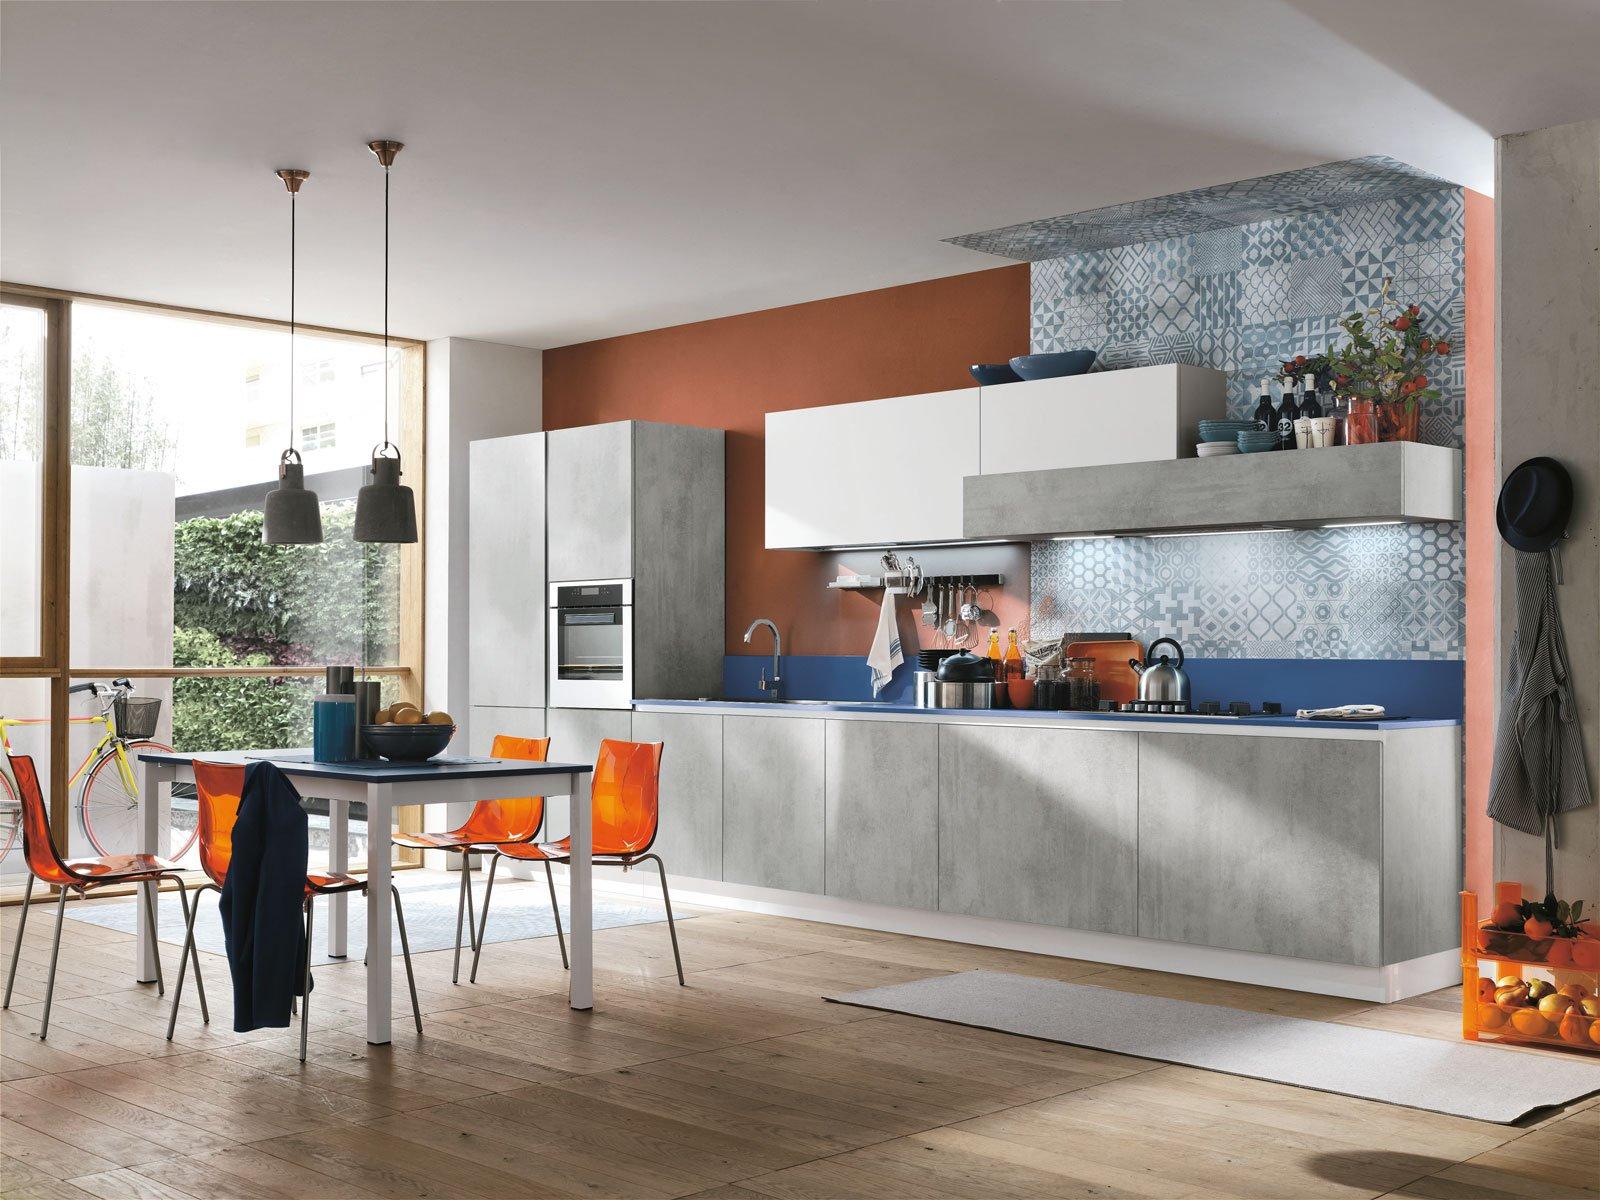 Cucine Moderne Grigio.Cucine In Grigio Di Inaspettata Freschezza Novita